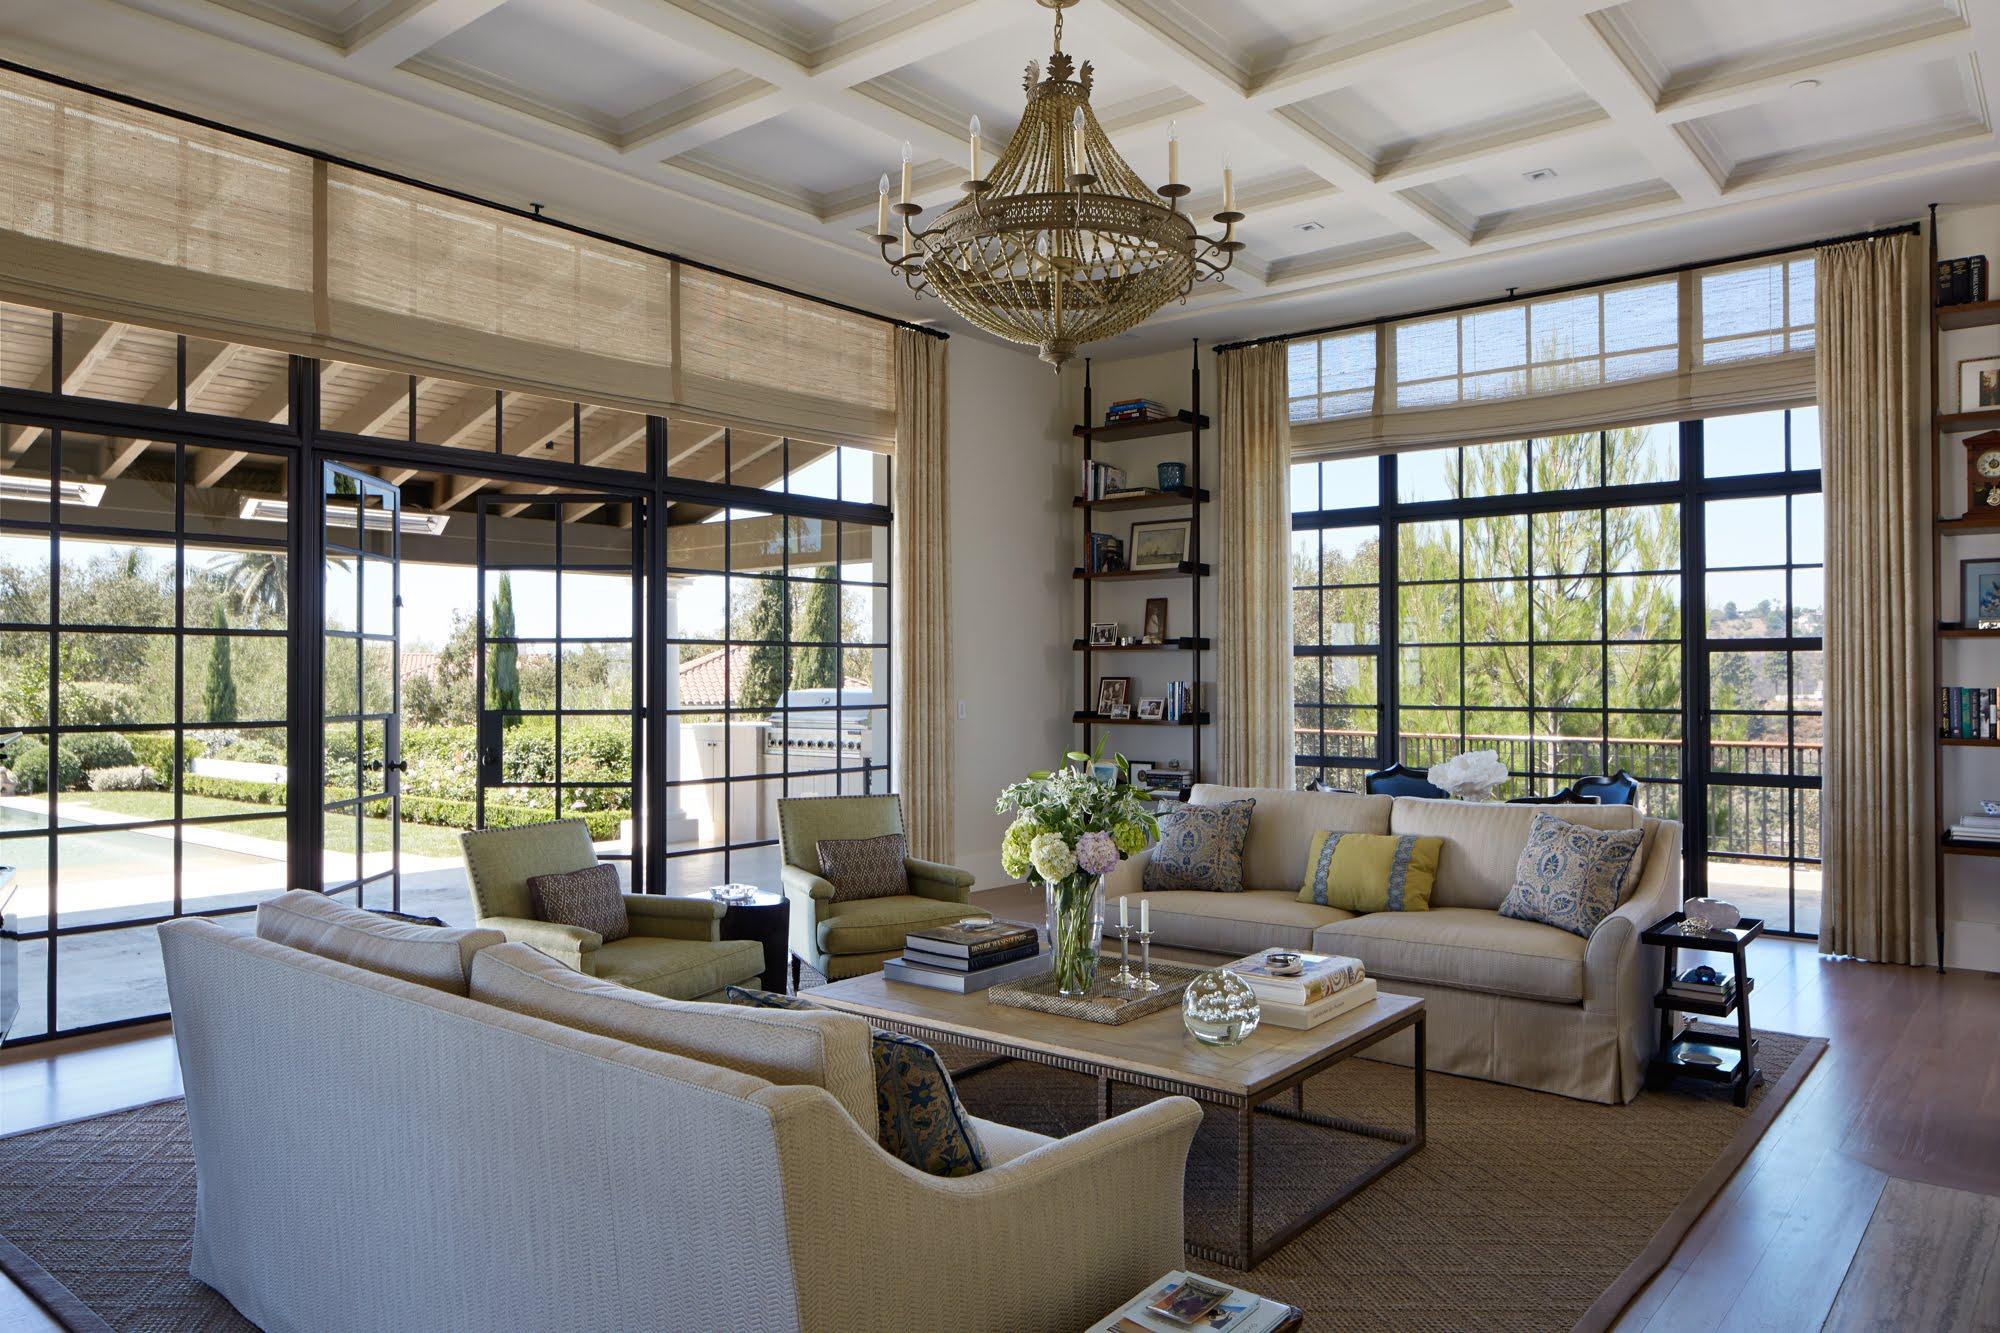 William_Hefner_beverly_crest_projects_Barnett__LR_living_room_01__French_Doors